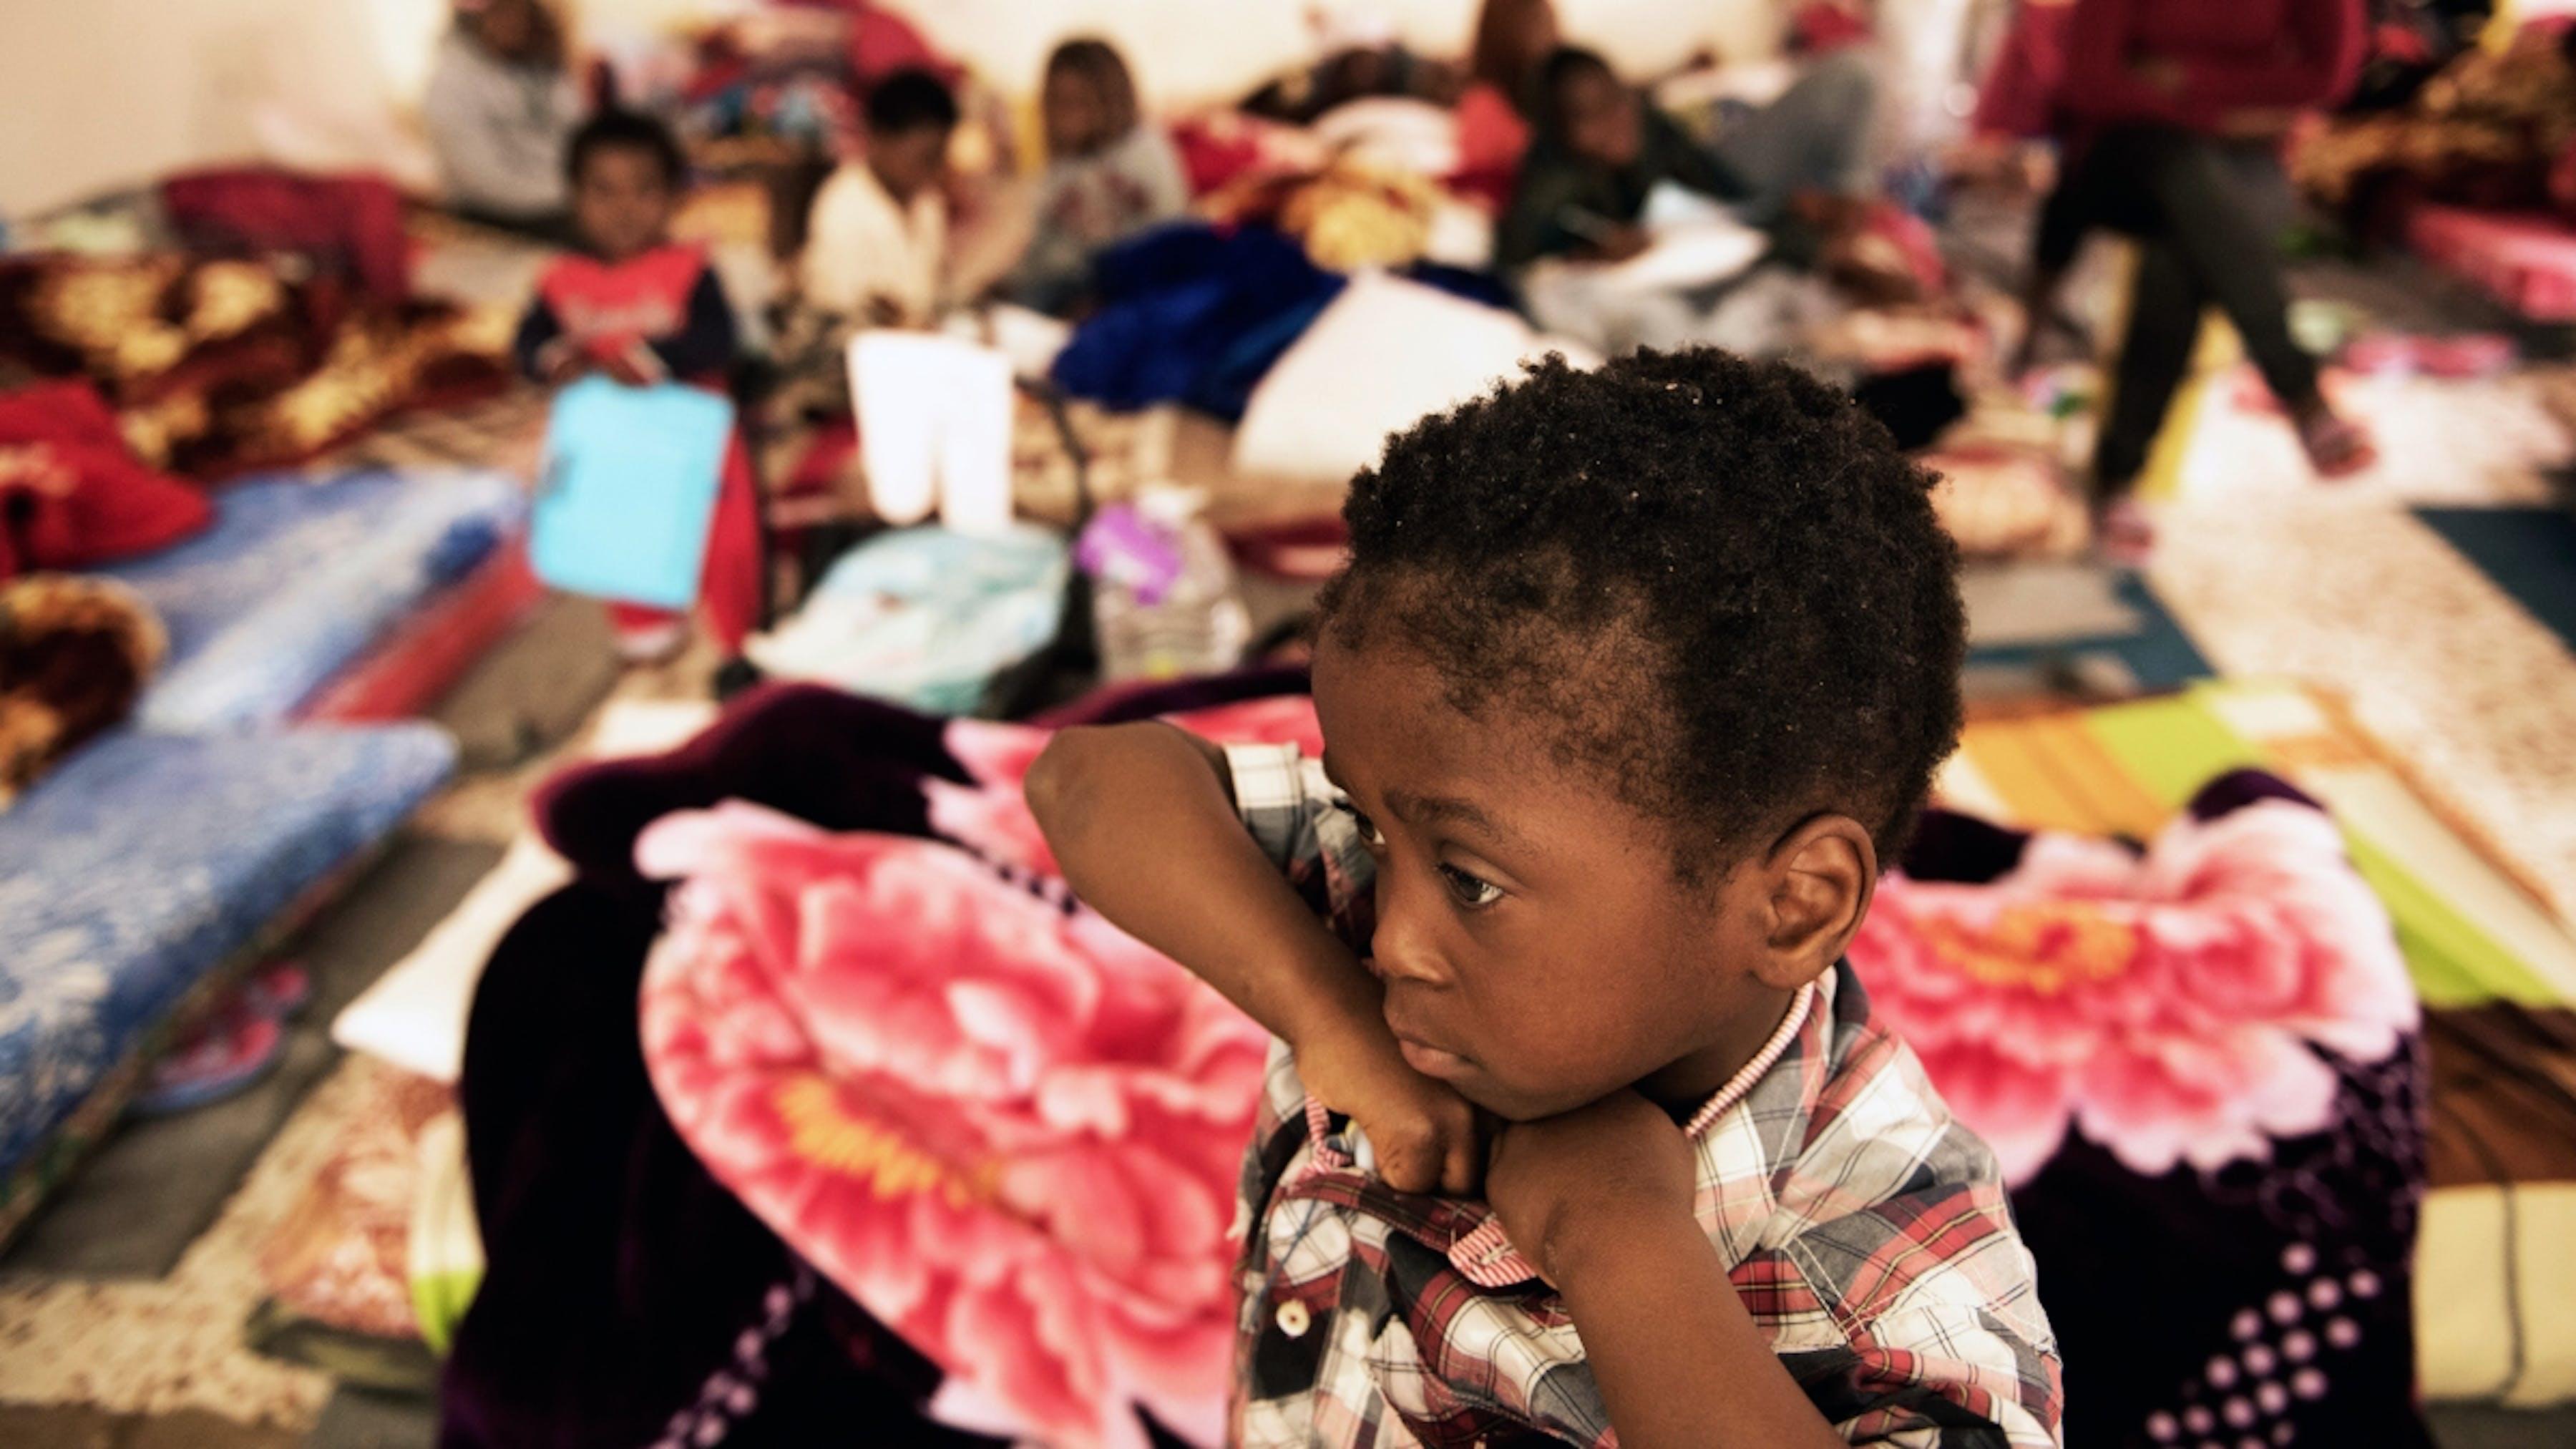 Libia, un bambino rifugiato seduto sul pavimento di un centro di detenzione.